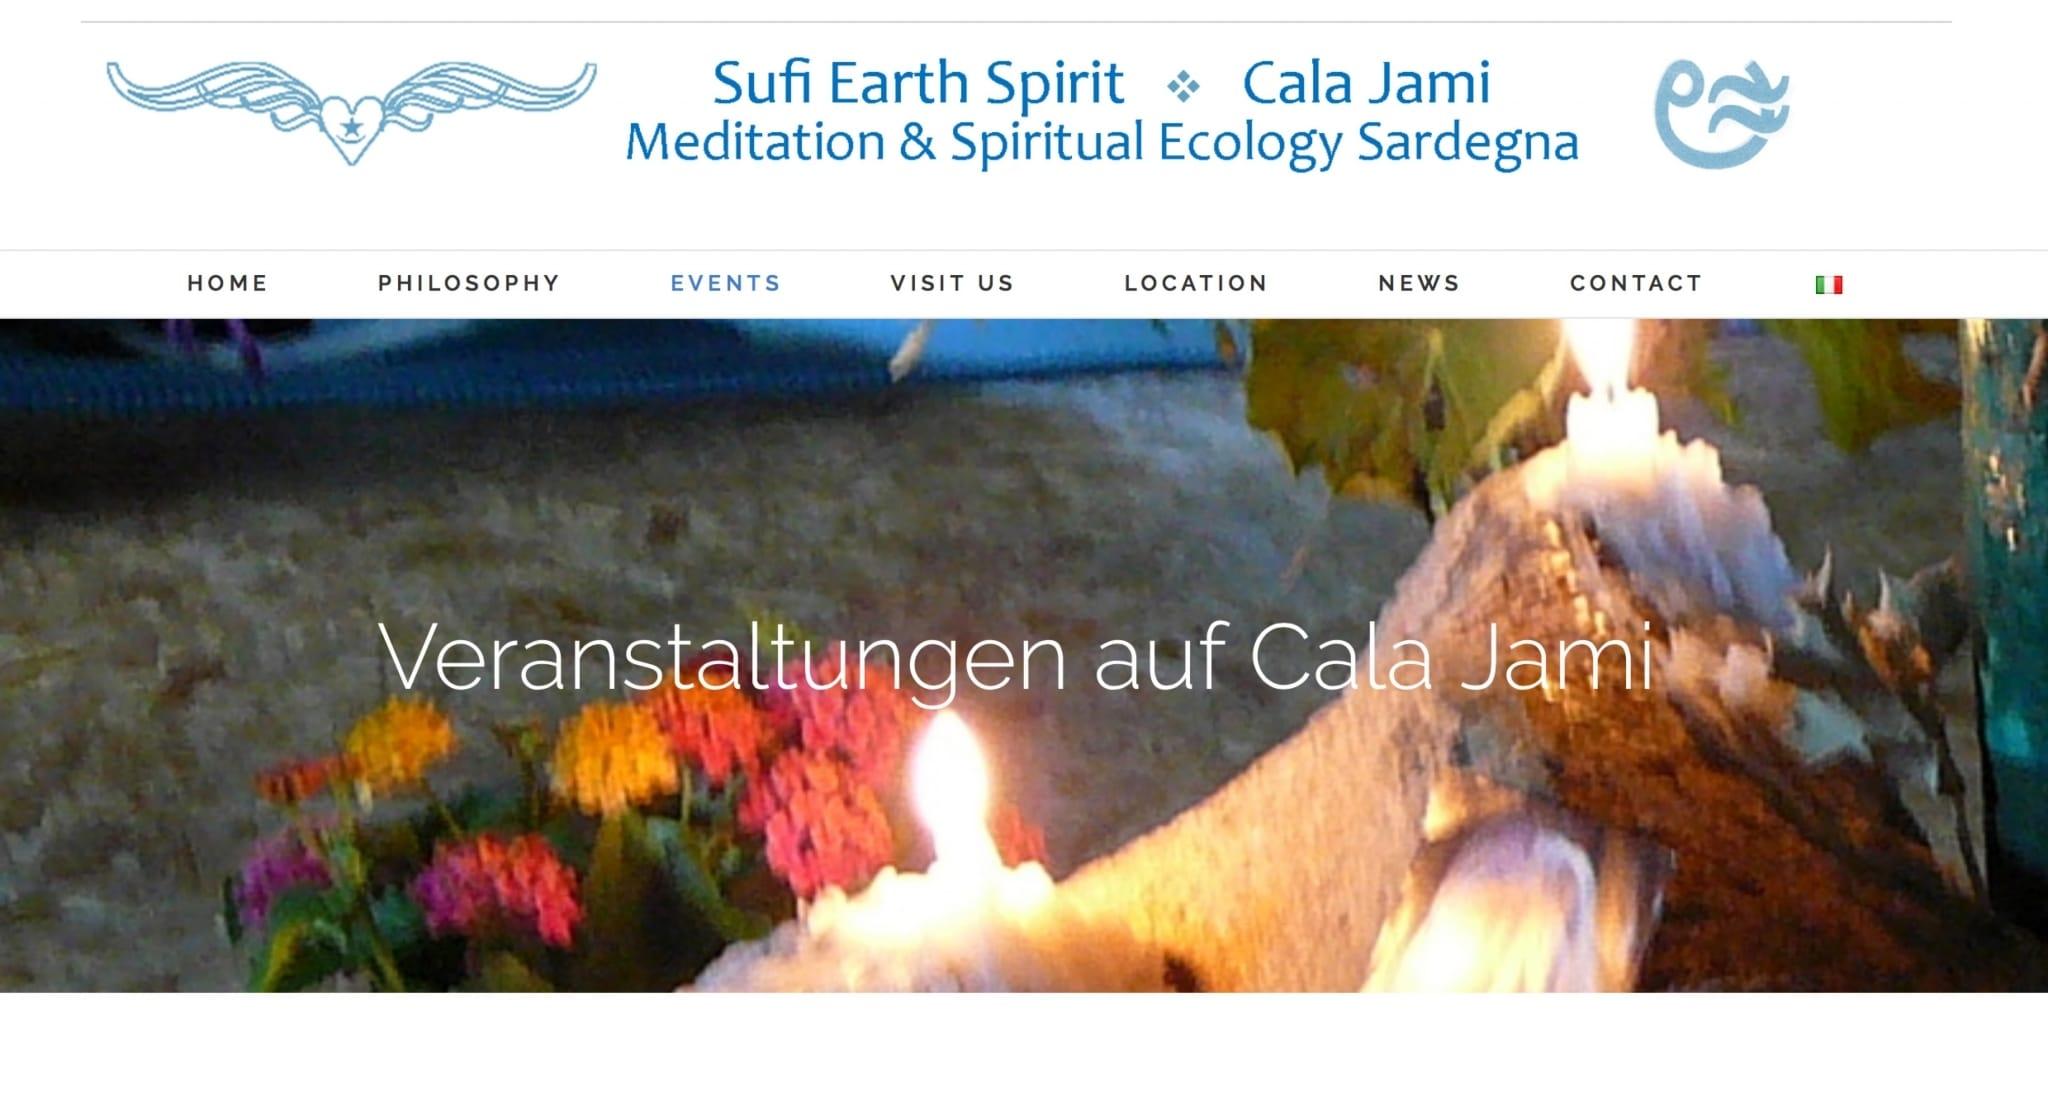 Cala Jami Events – Sufi Sardegna 1 e1488054458314